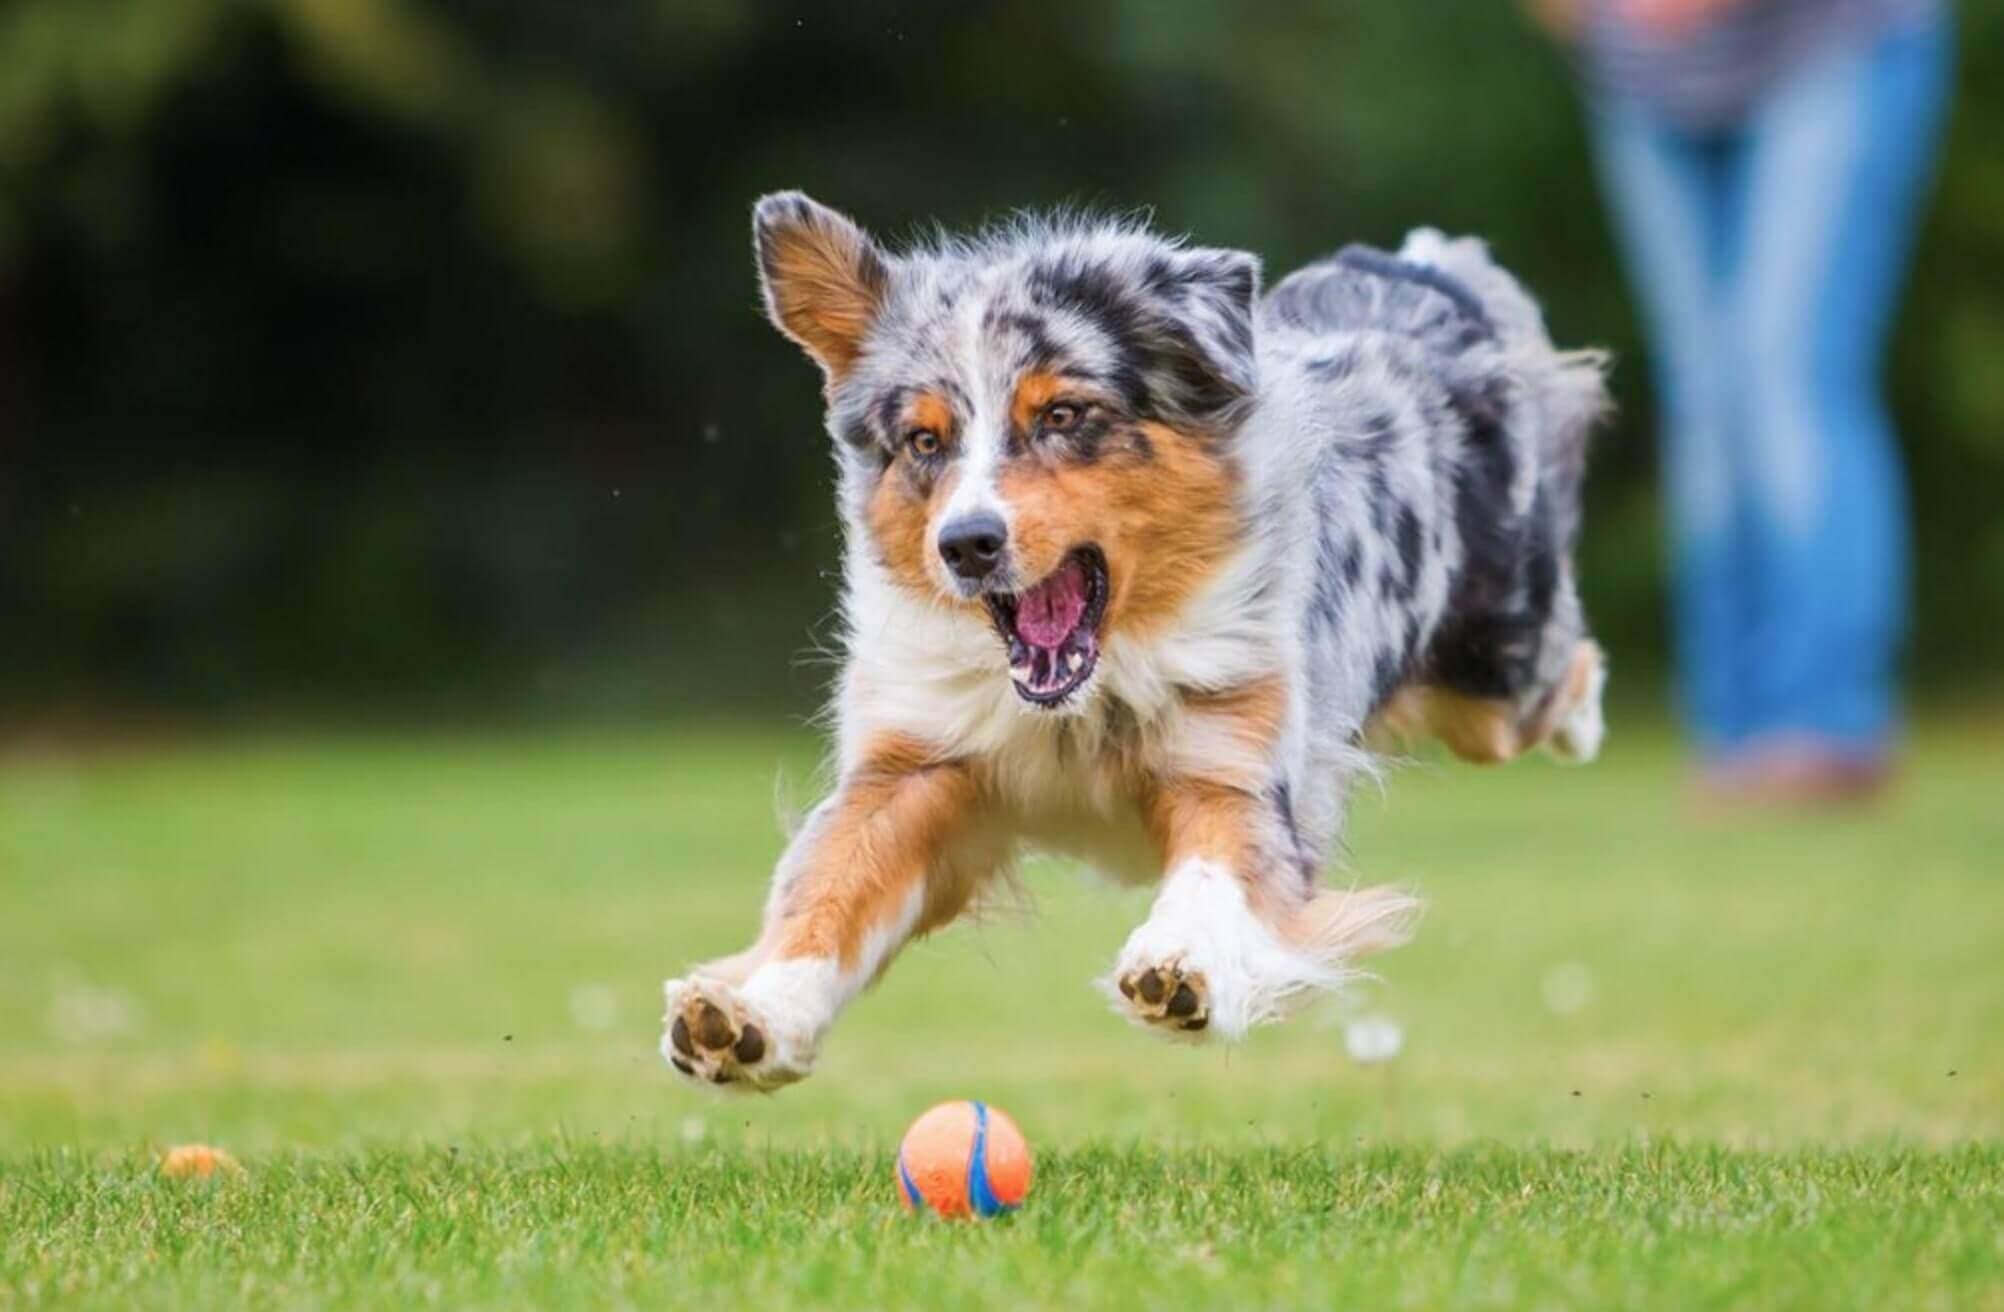 prendersi cura di un cane esercizio fisico e gioco